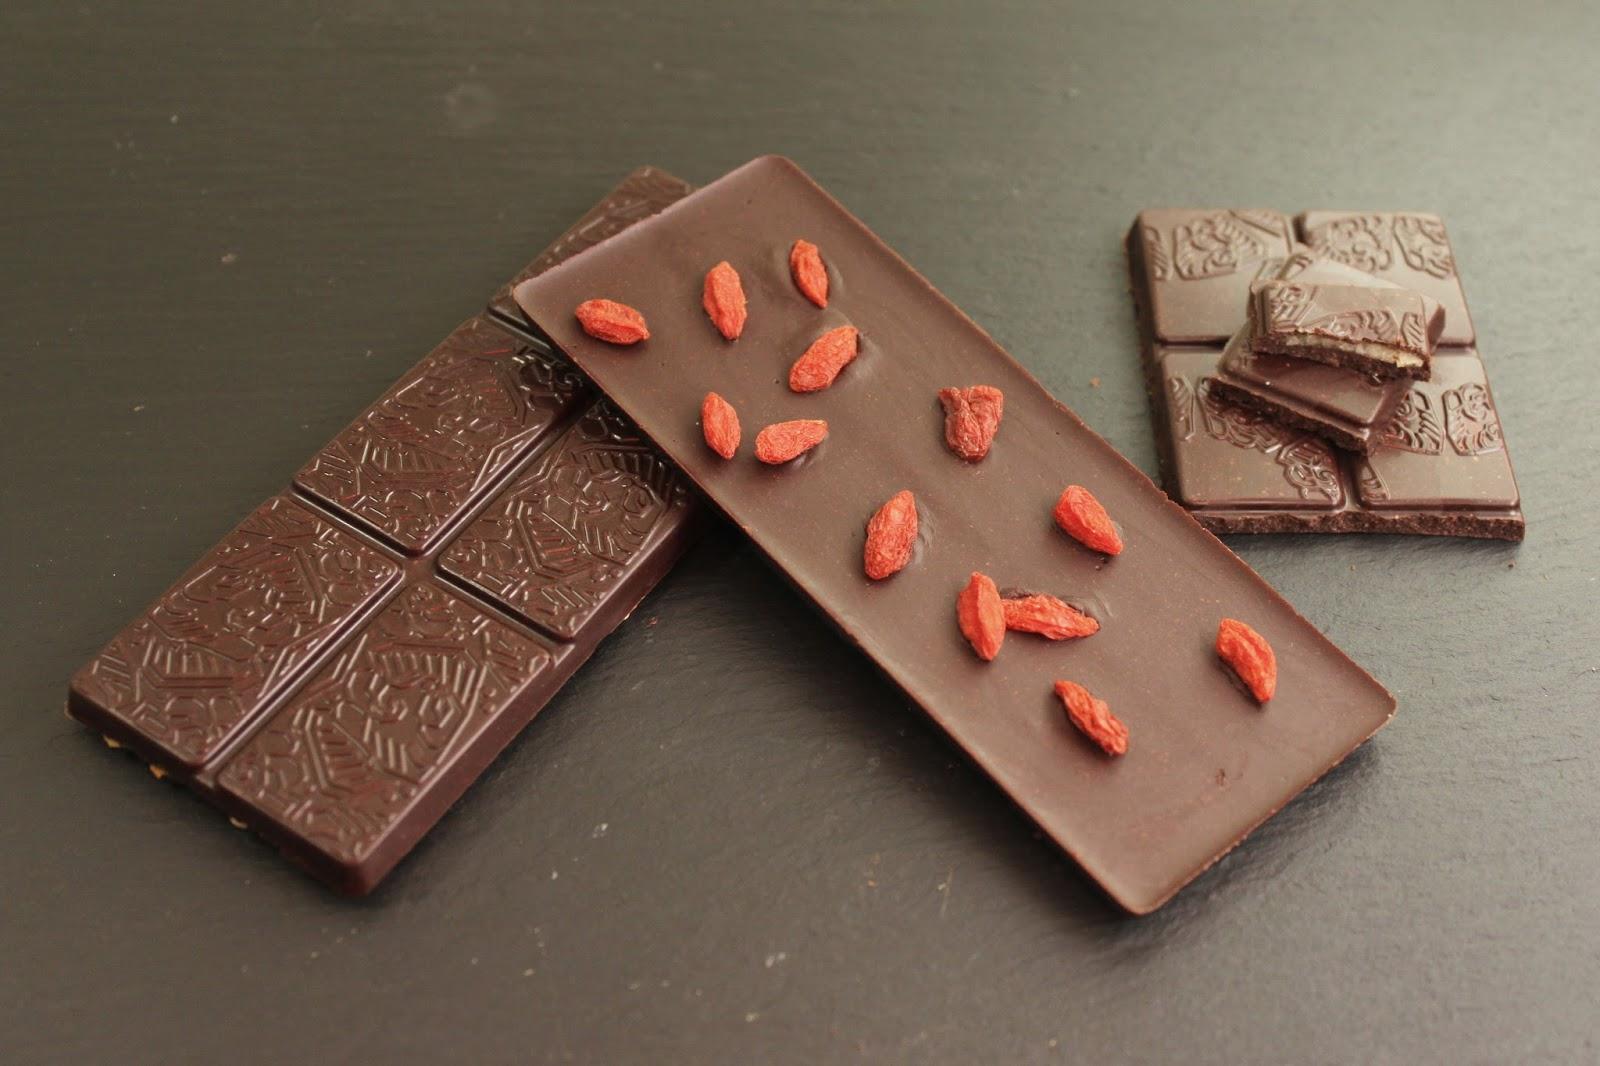 Geschenke Aus Schokolade Basteln Perfect Mit Zimtmandeln With